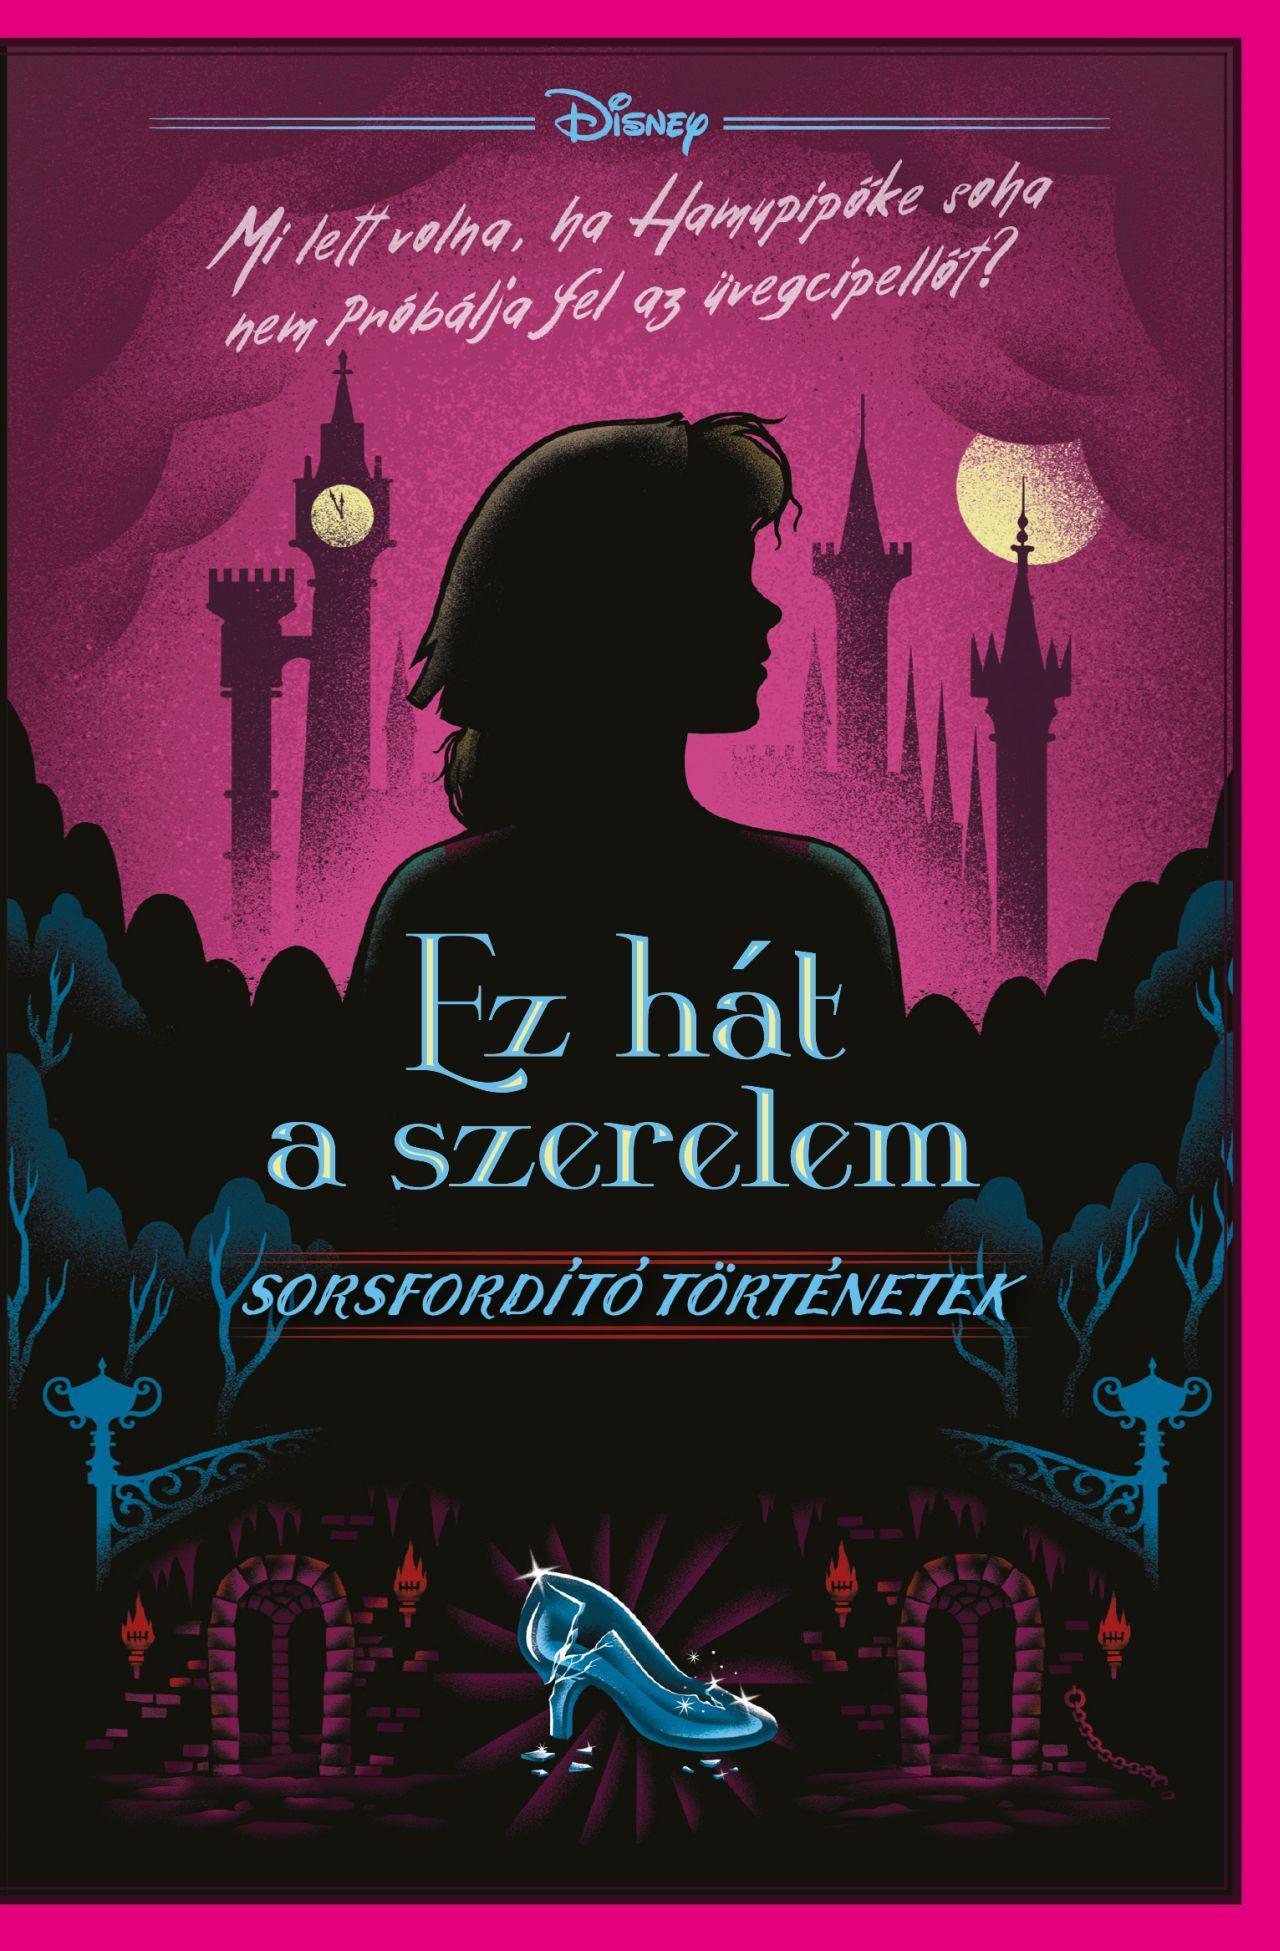 Elizabeth Lim - Disney - Ez hát a szerelem - Sorsfordító történetek